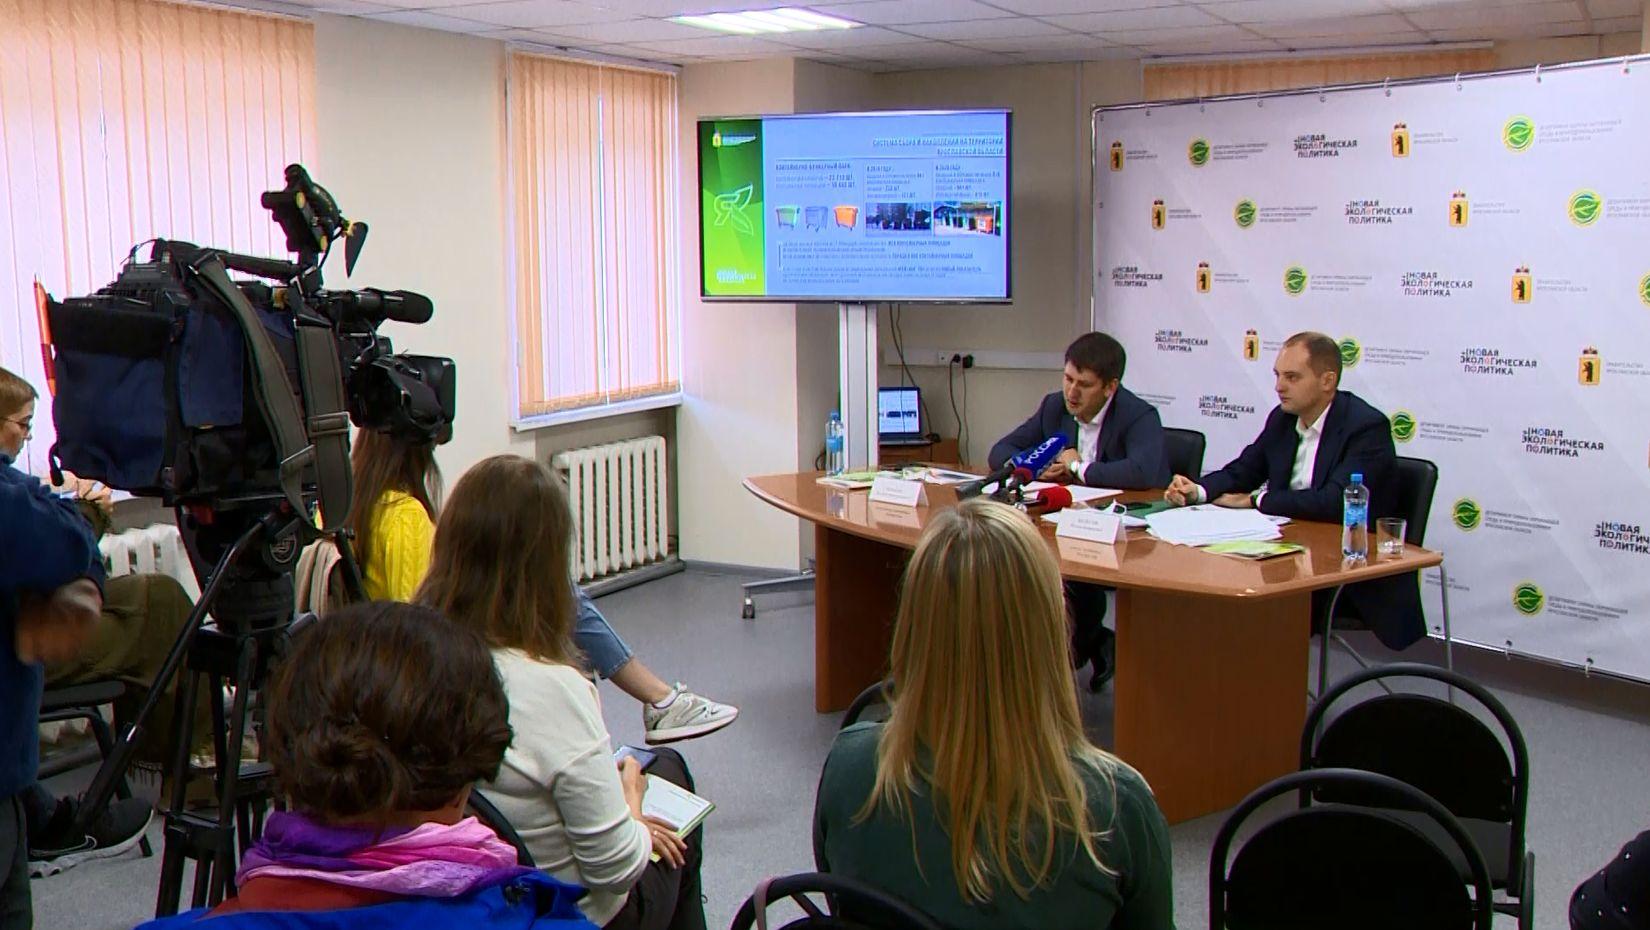 Итоги новой экологической политики под руководством губернатора Ярославской области Дмитрия Миронова